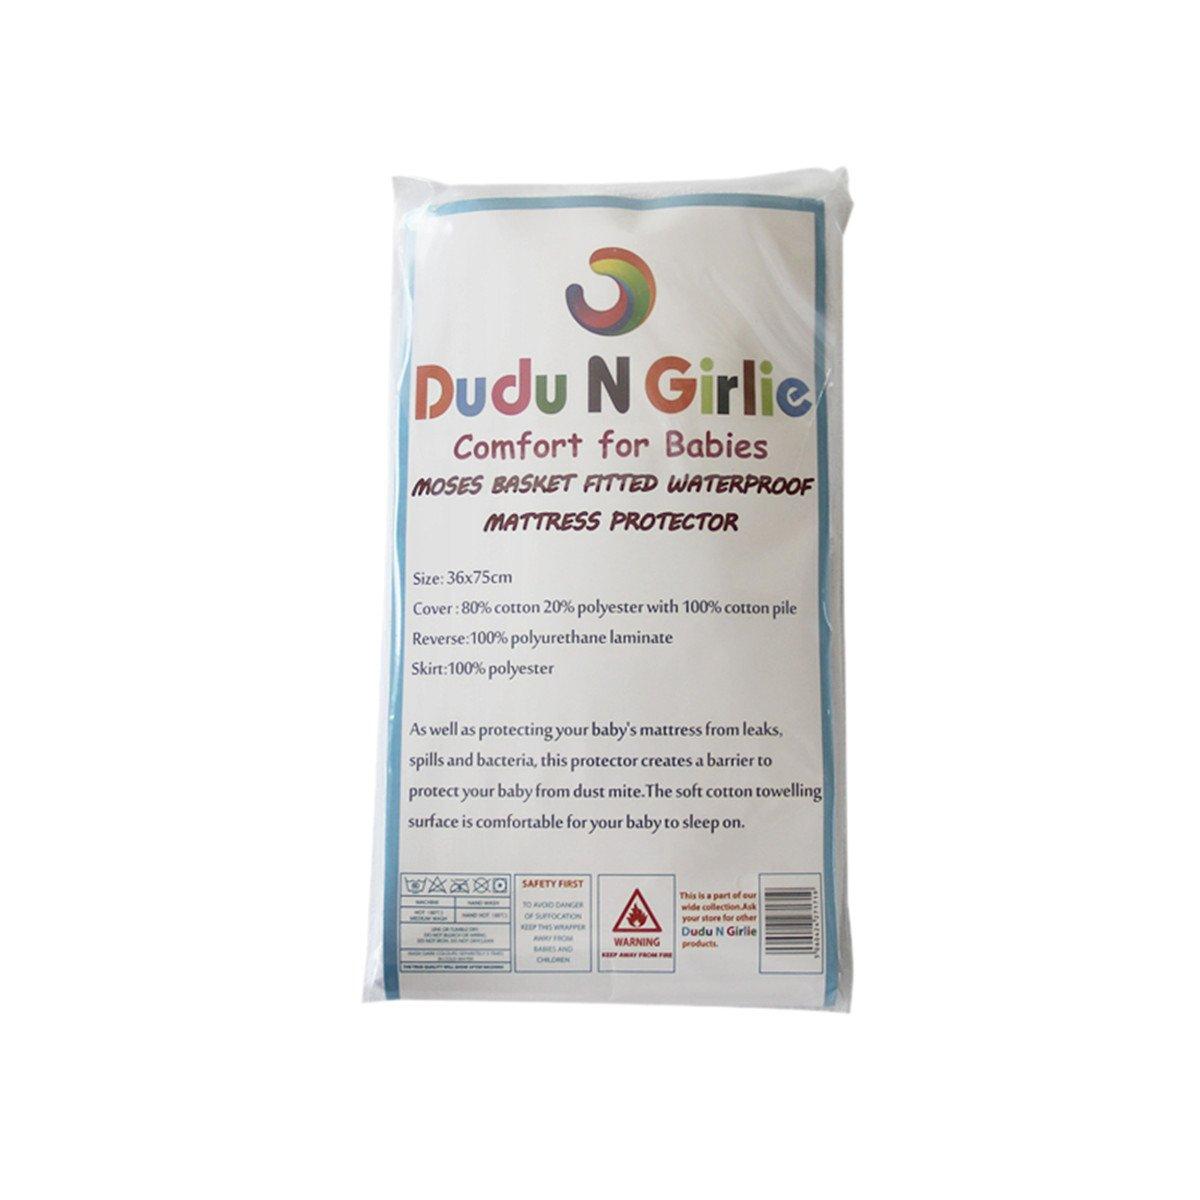 Dudu N Girlie Terry Cotton 100 Percent Waterproof Moses Basket Mattress Protector, 36 cm x 75 cm Dudu N Girlie Ltd.